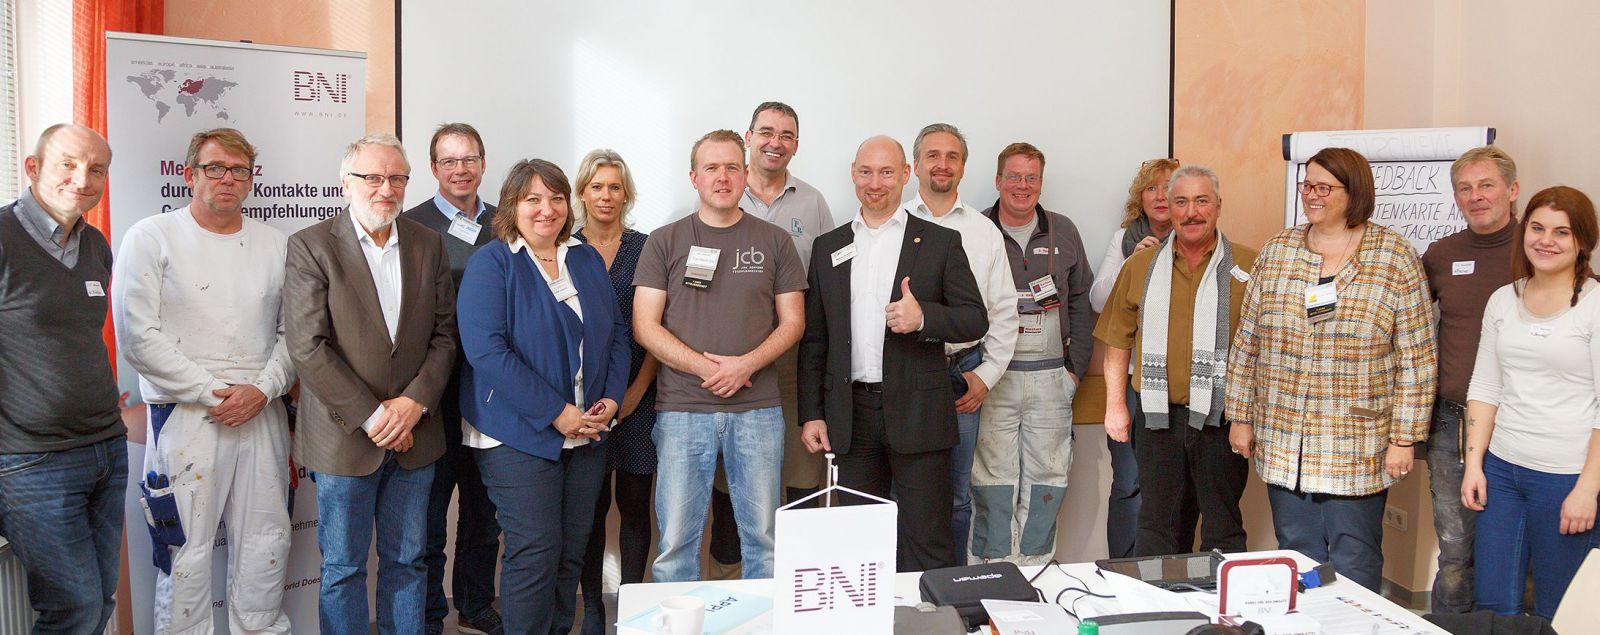 bni-barsinghausen-gruppenbild